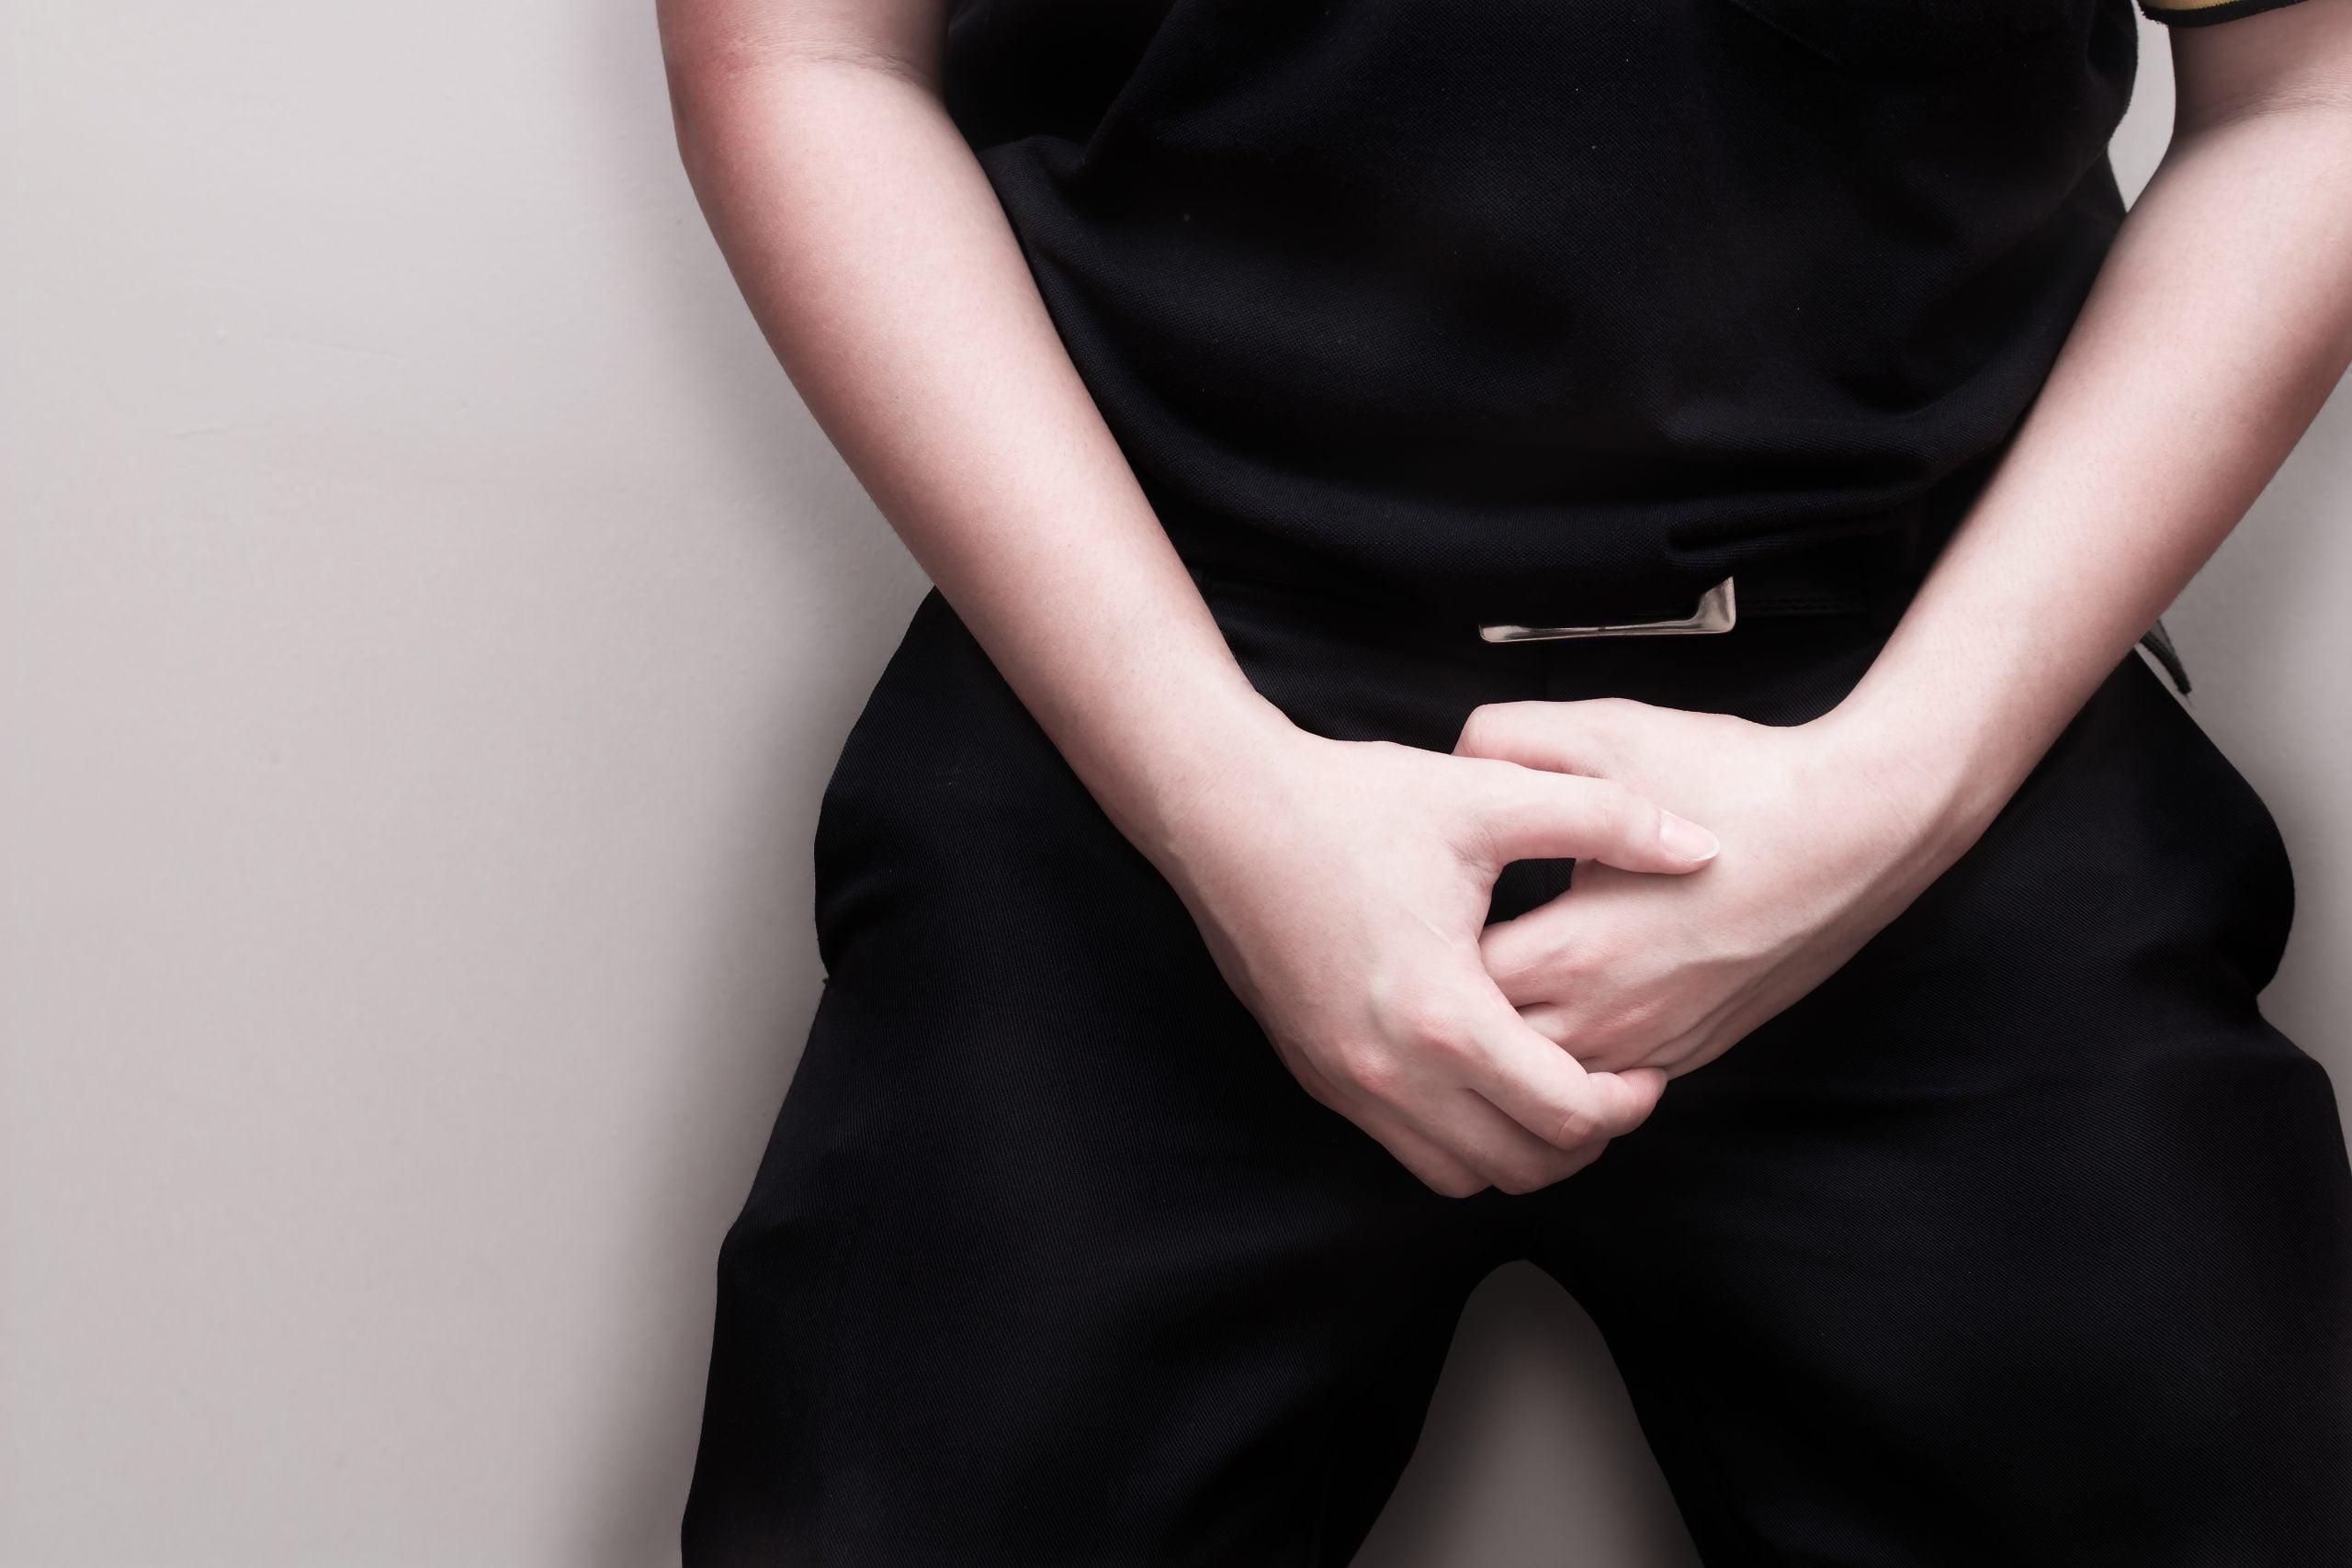 التهاب البروستاتا - ما هي أنواعه، ما اسبابه وما أعراضه؟